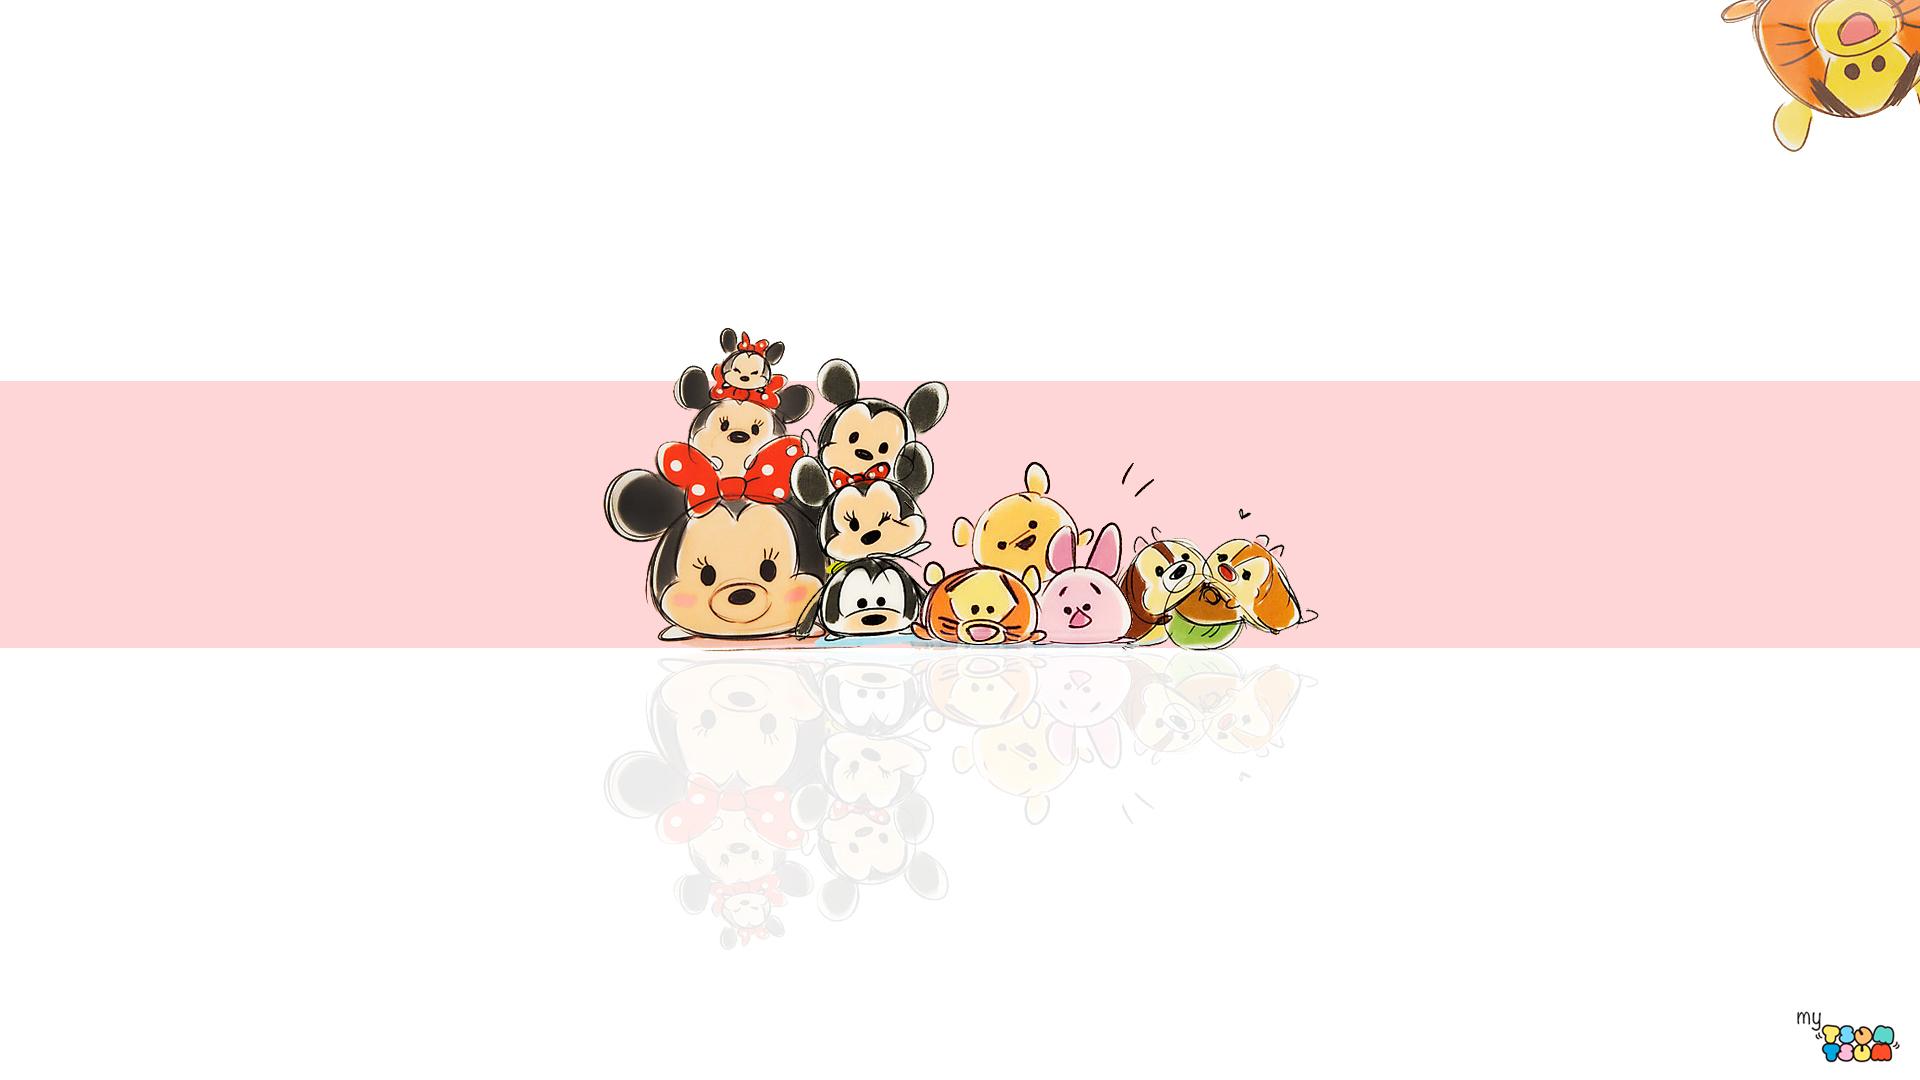 Disney Tsum Tsum Wallpapers | My Tsum Tsum